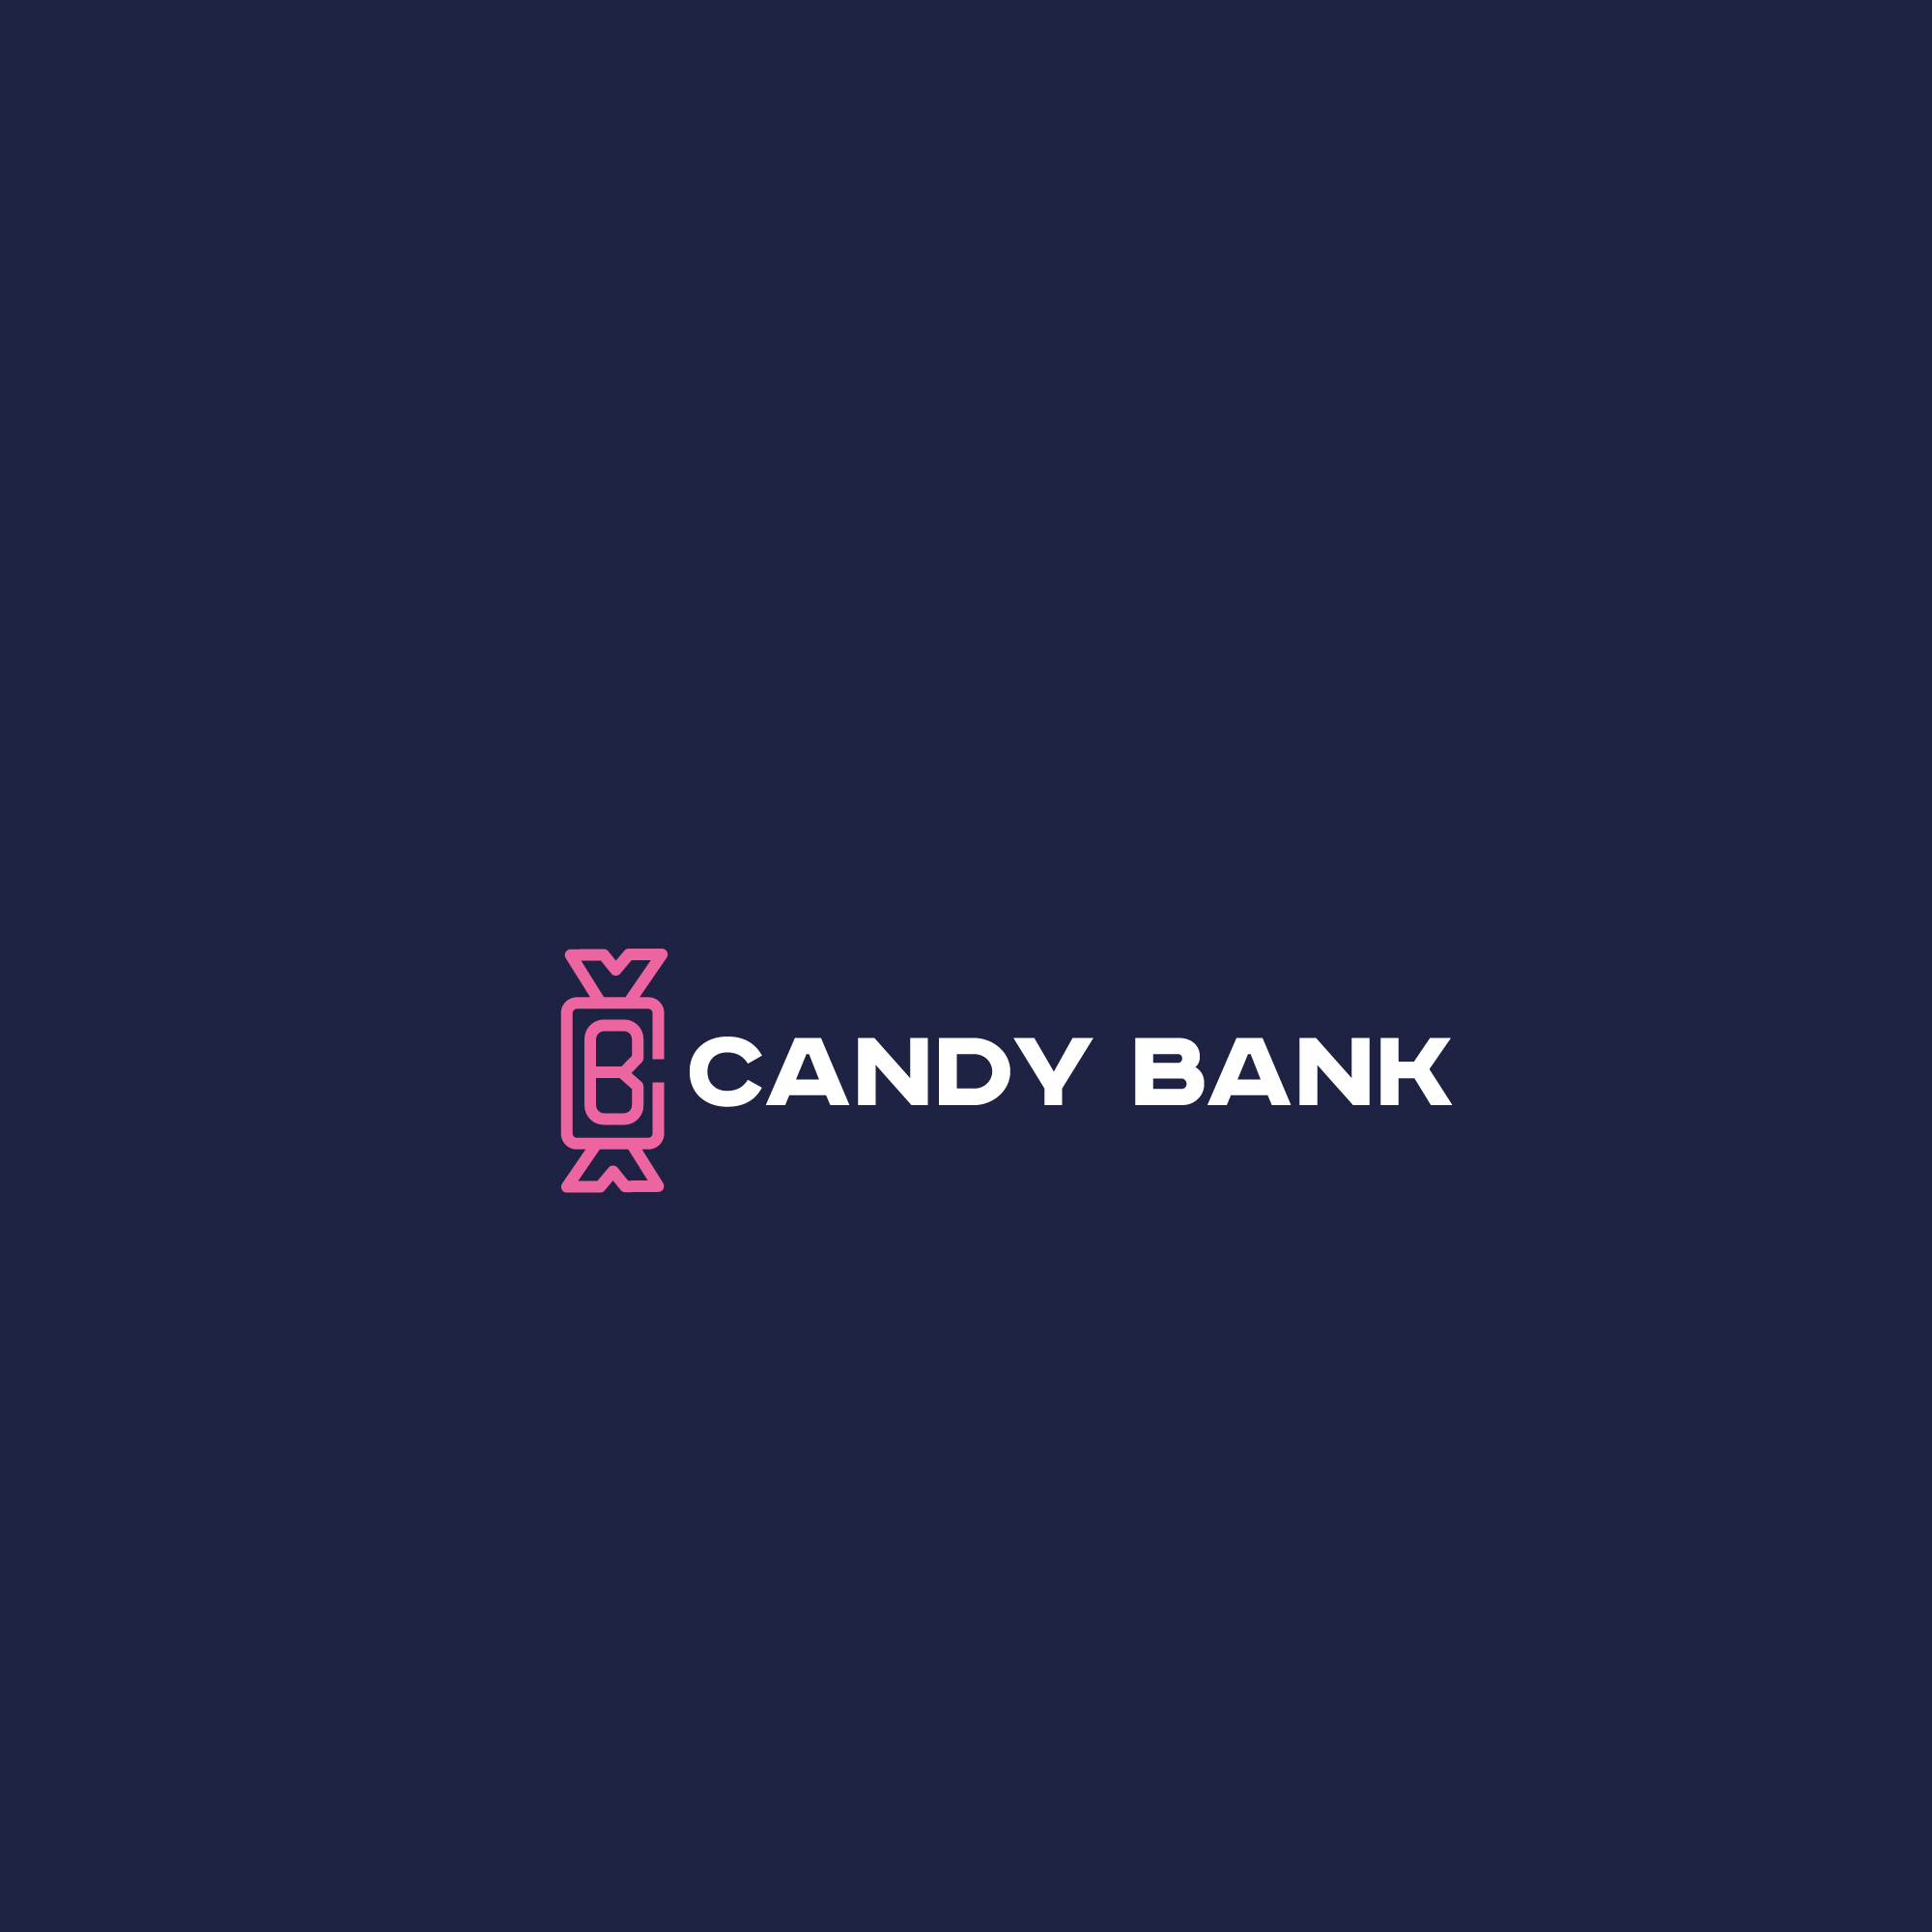 Логотип для международного банка фото f_8845d6d104a3080d.jpg